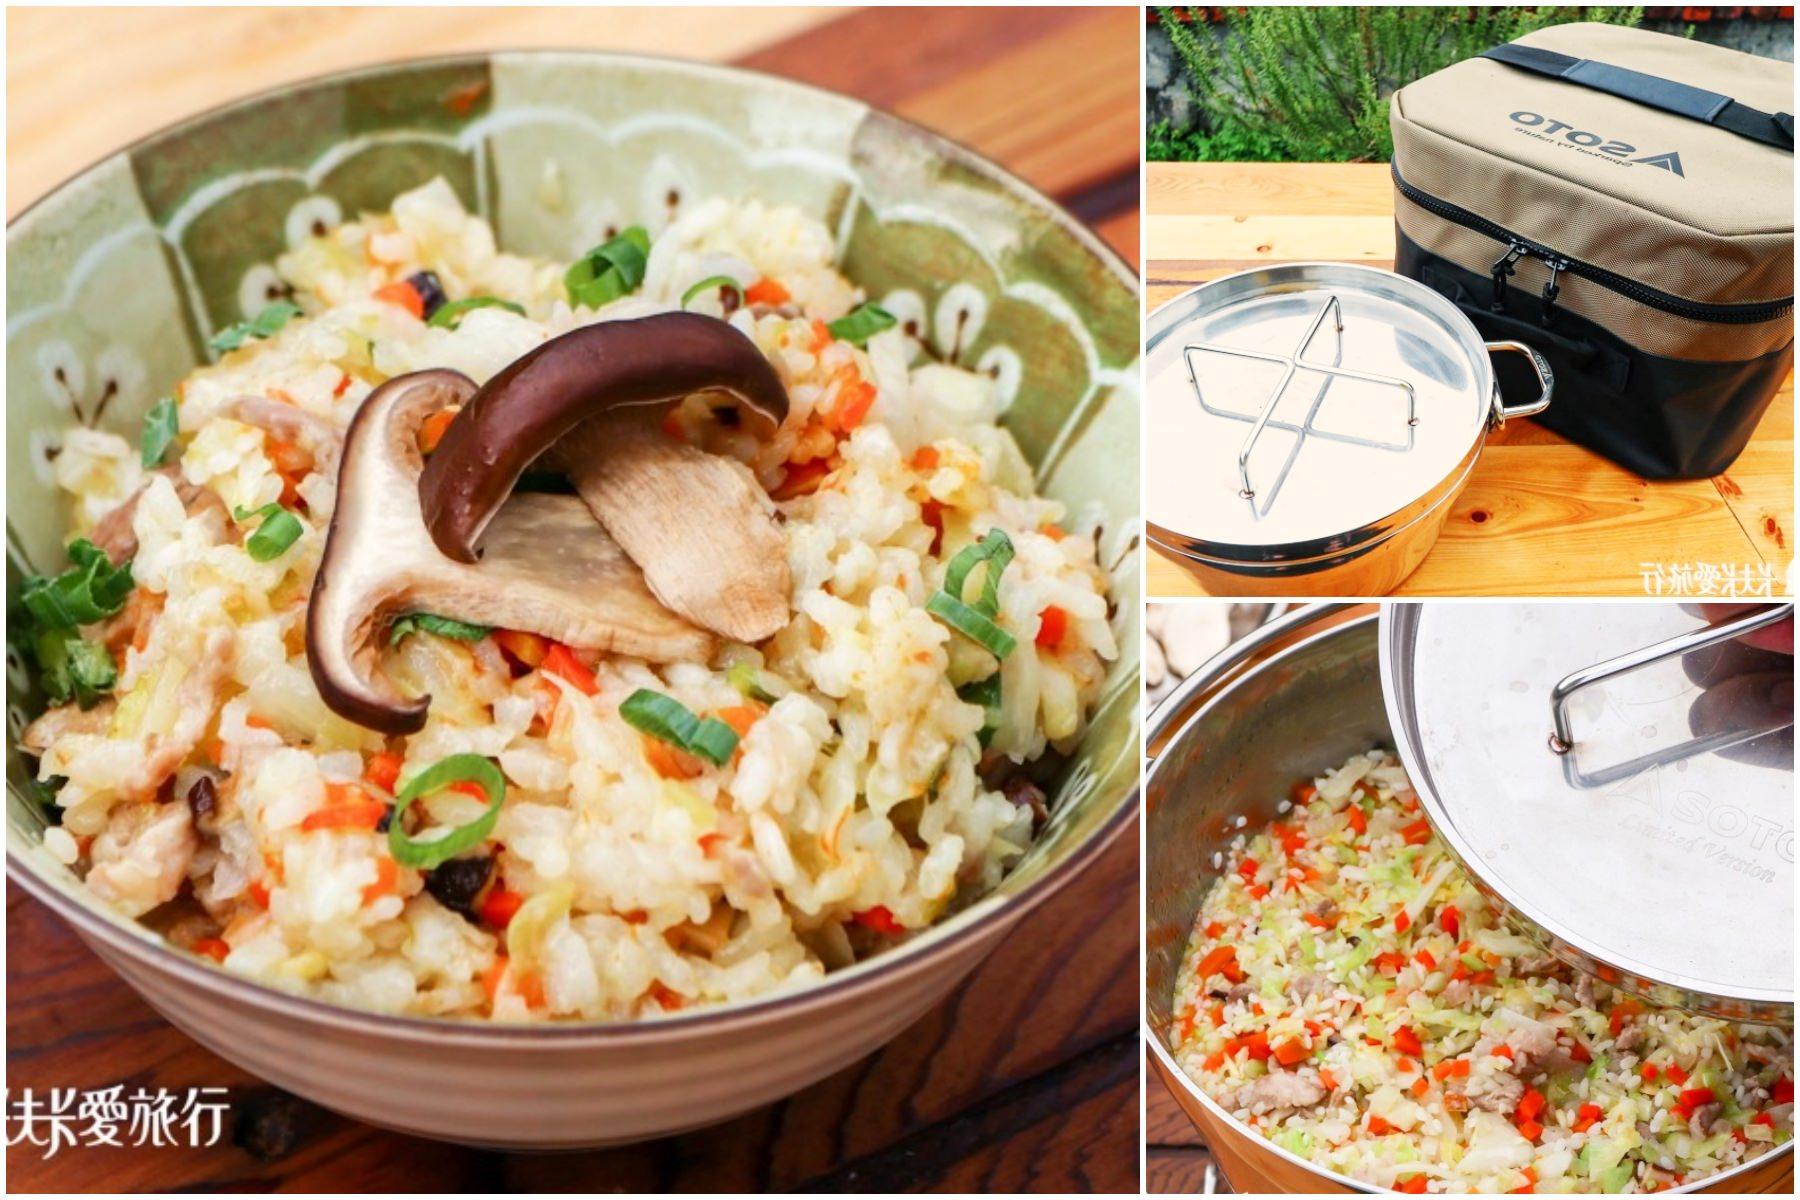 【料理食譜】高麗菜飯|超簡單露營野炊菜單!搭配達人的私房炊具日本 SOTO荷蘭鍋